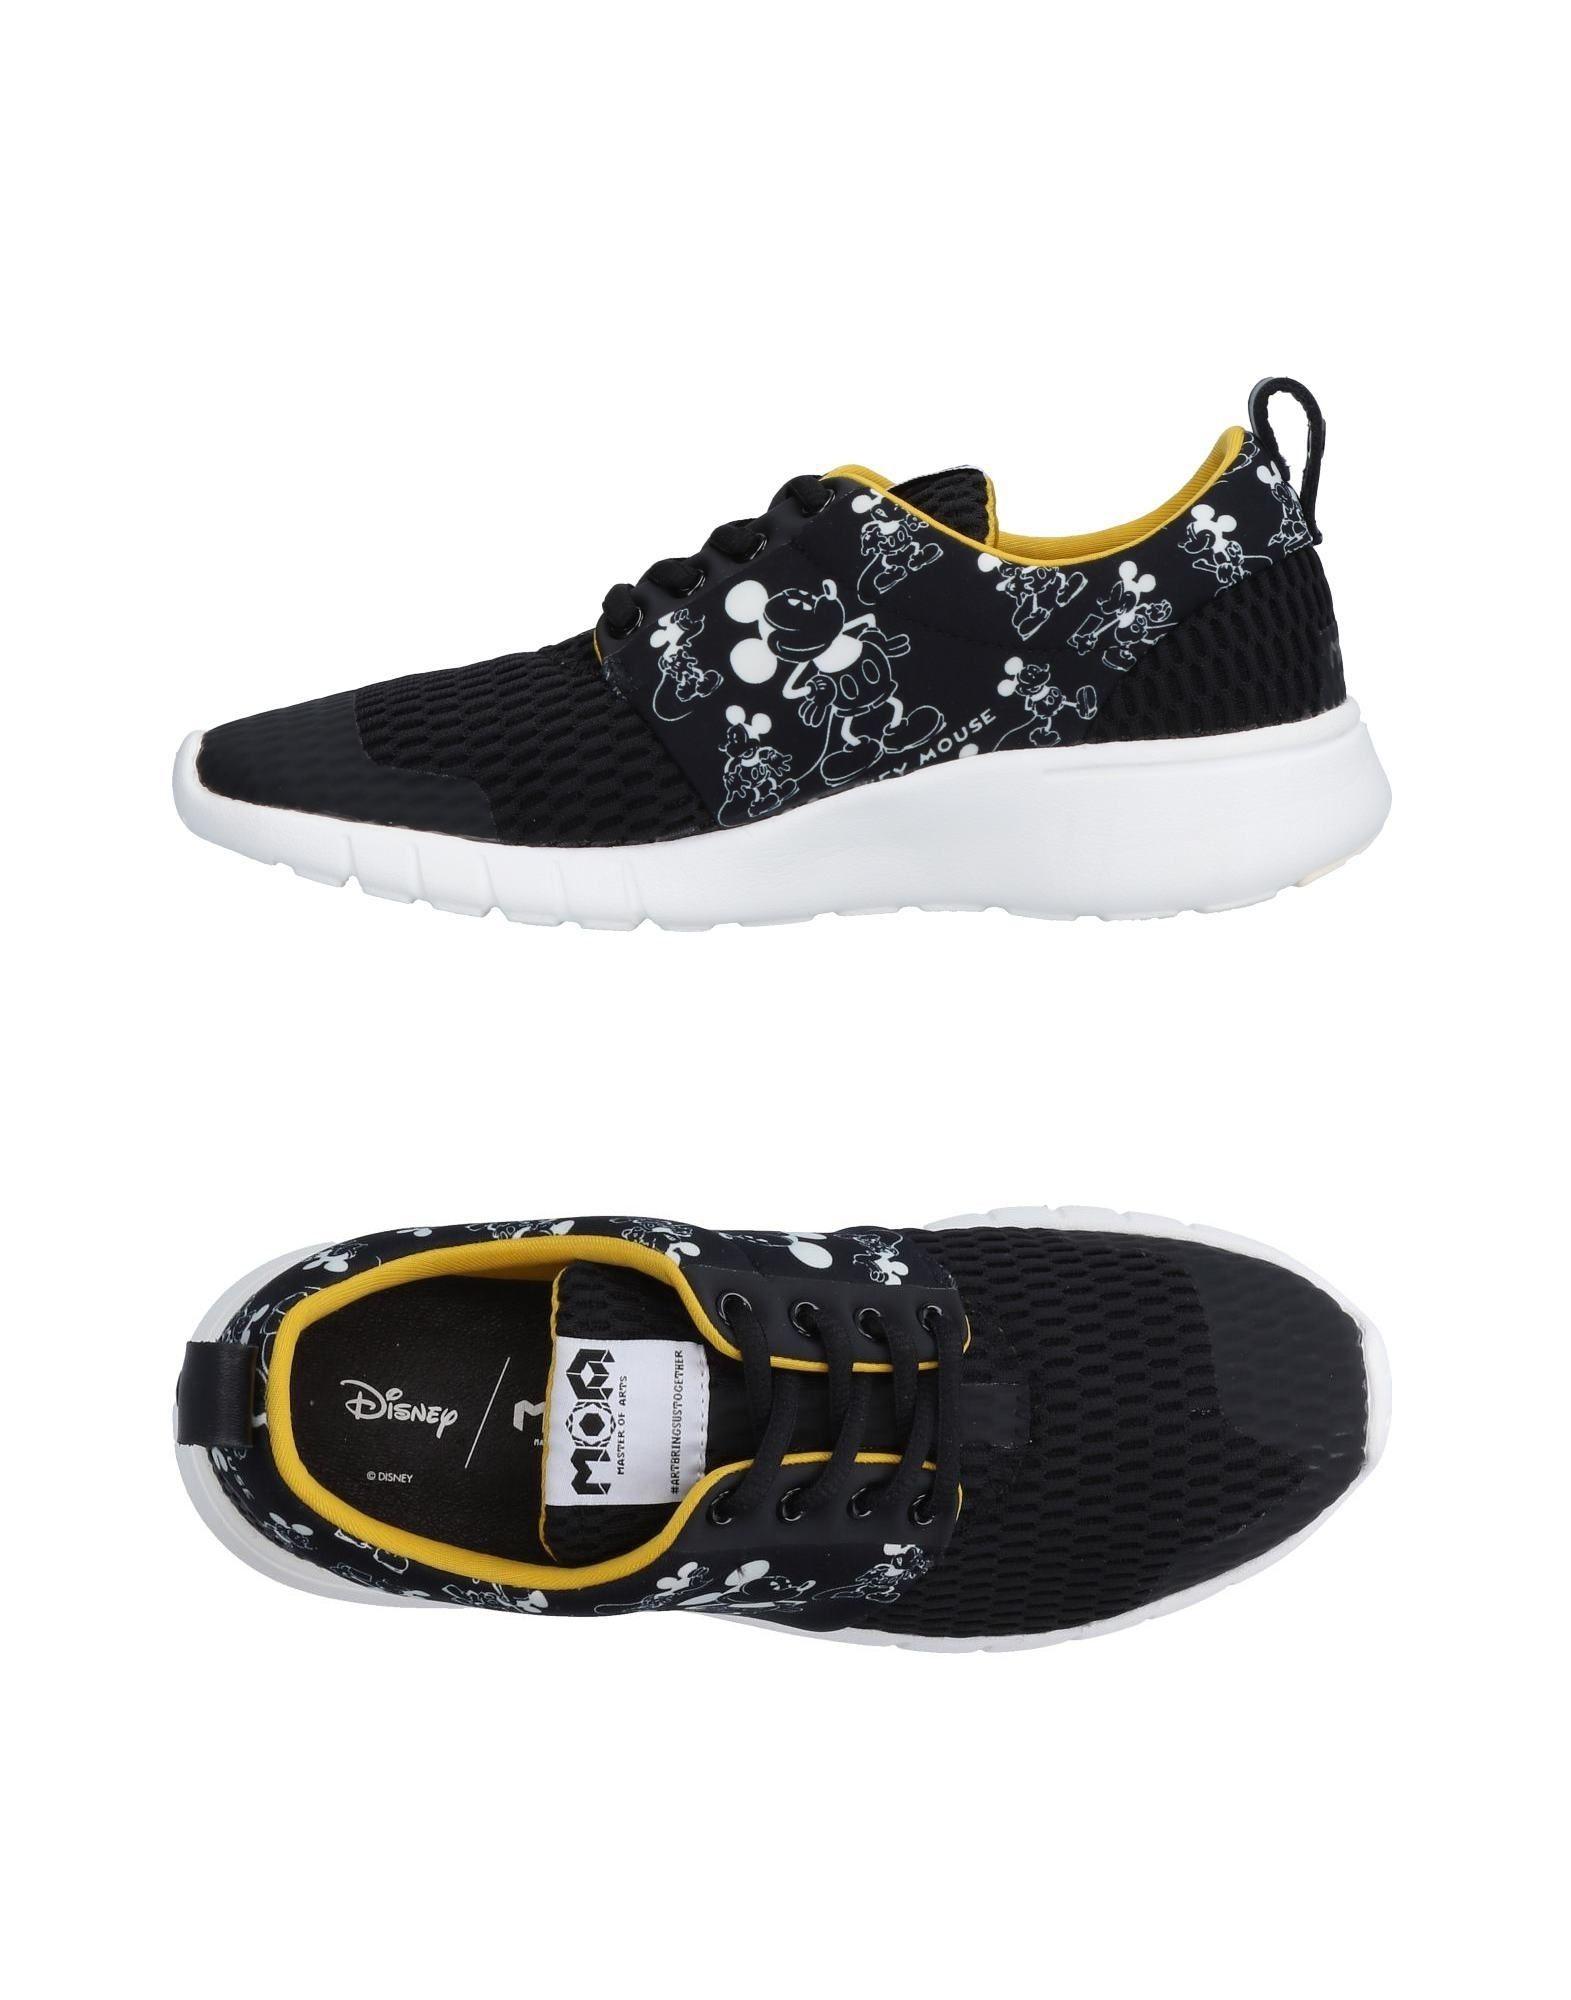 Moa Damen Master Of Arts Sneakers Damen Moa  11509505QE Gute Qualität beliebte Schuhe f62d89